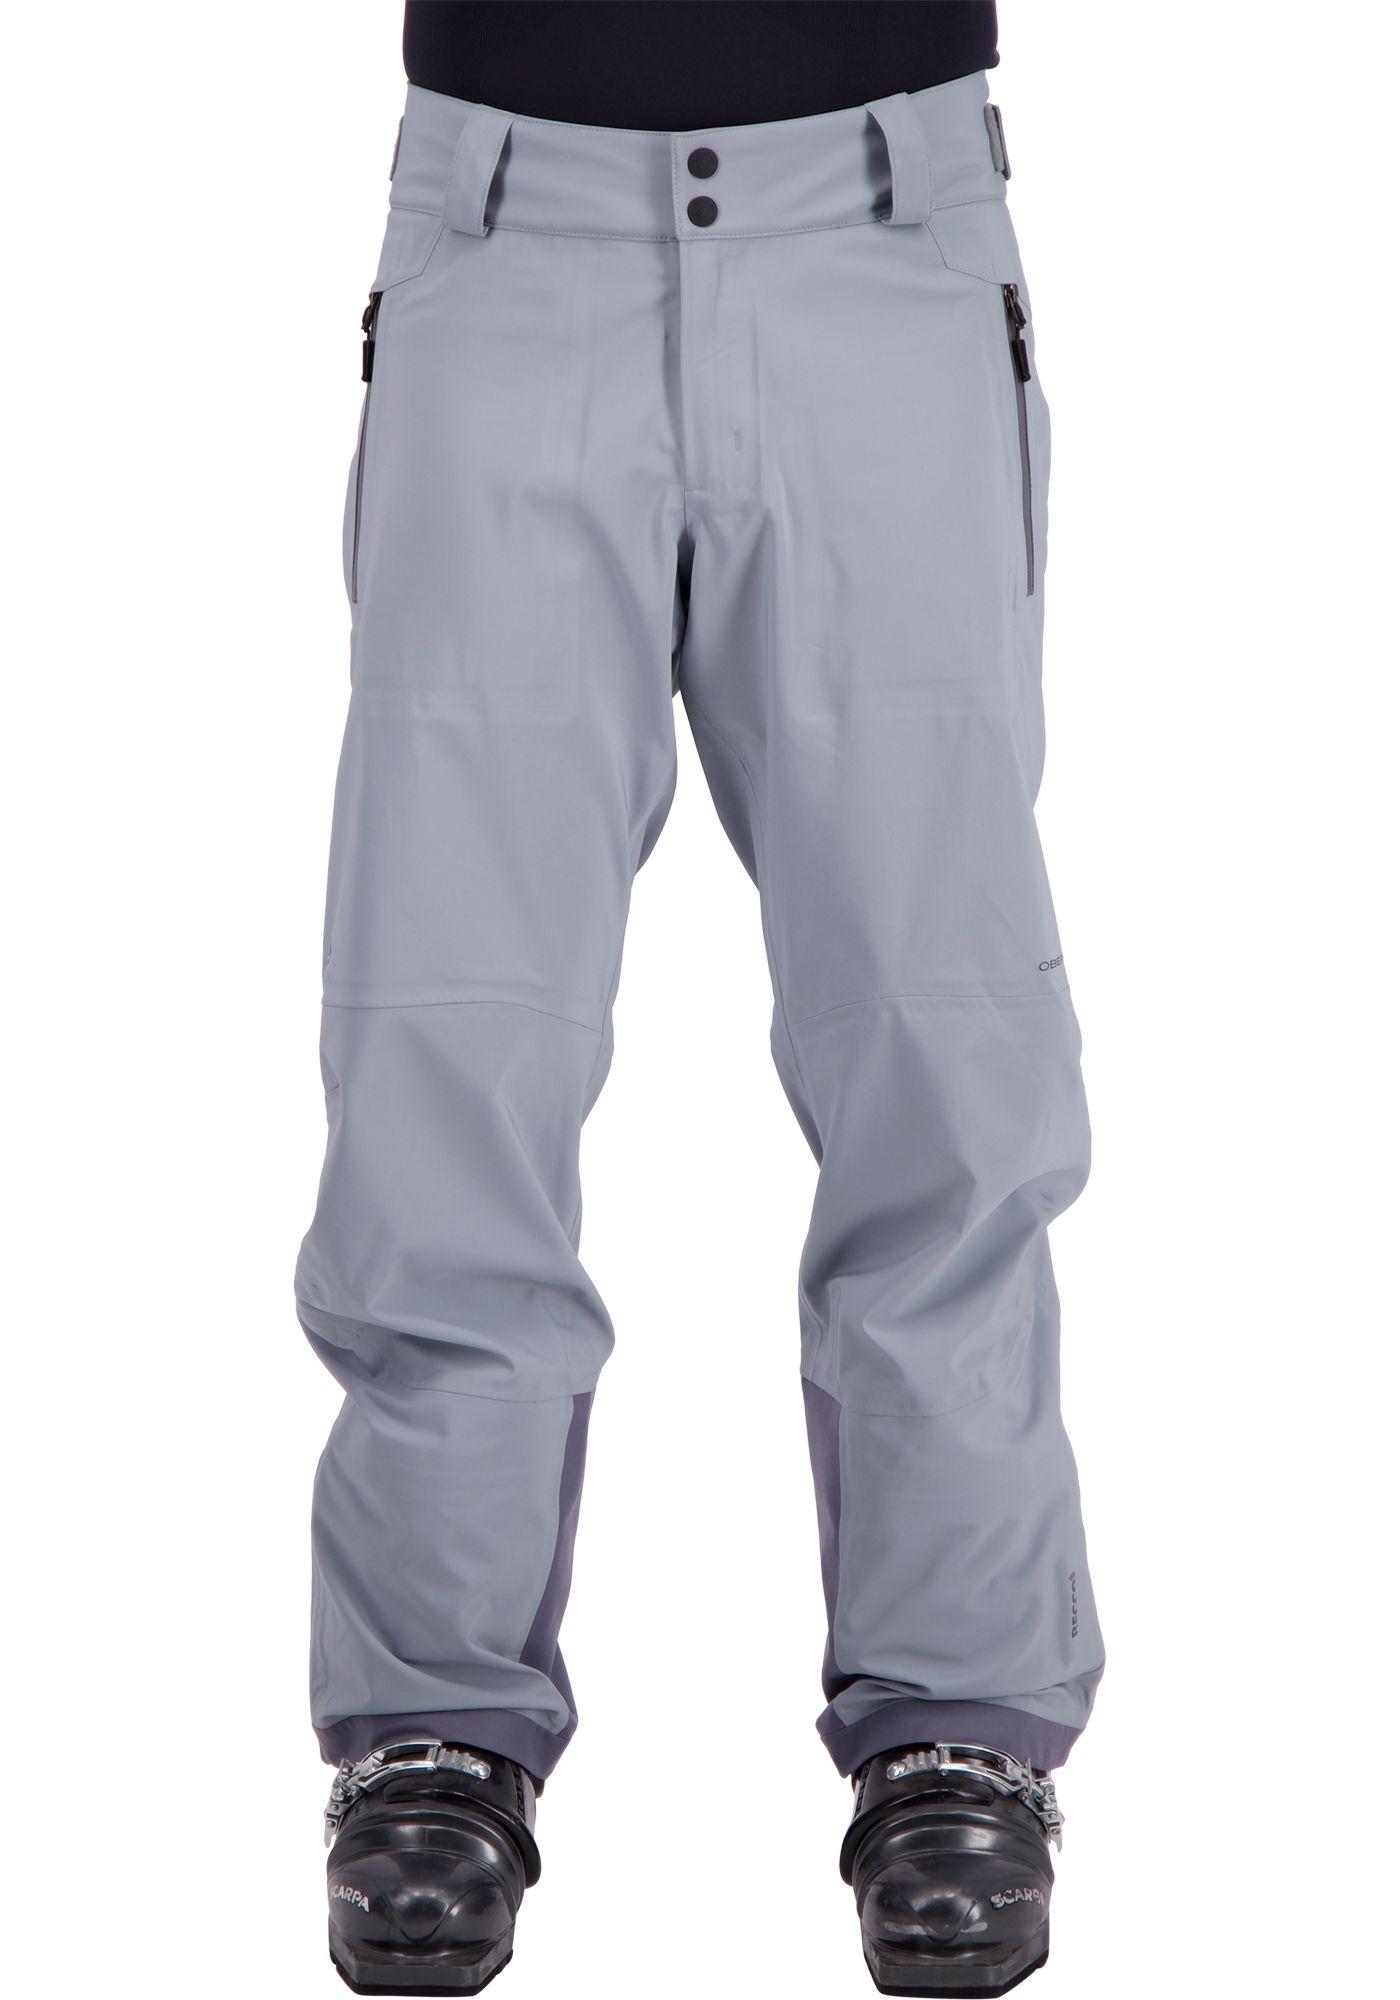 Obermeyer Men's Insulated Foraker Shell Pant